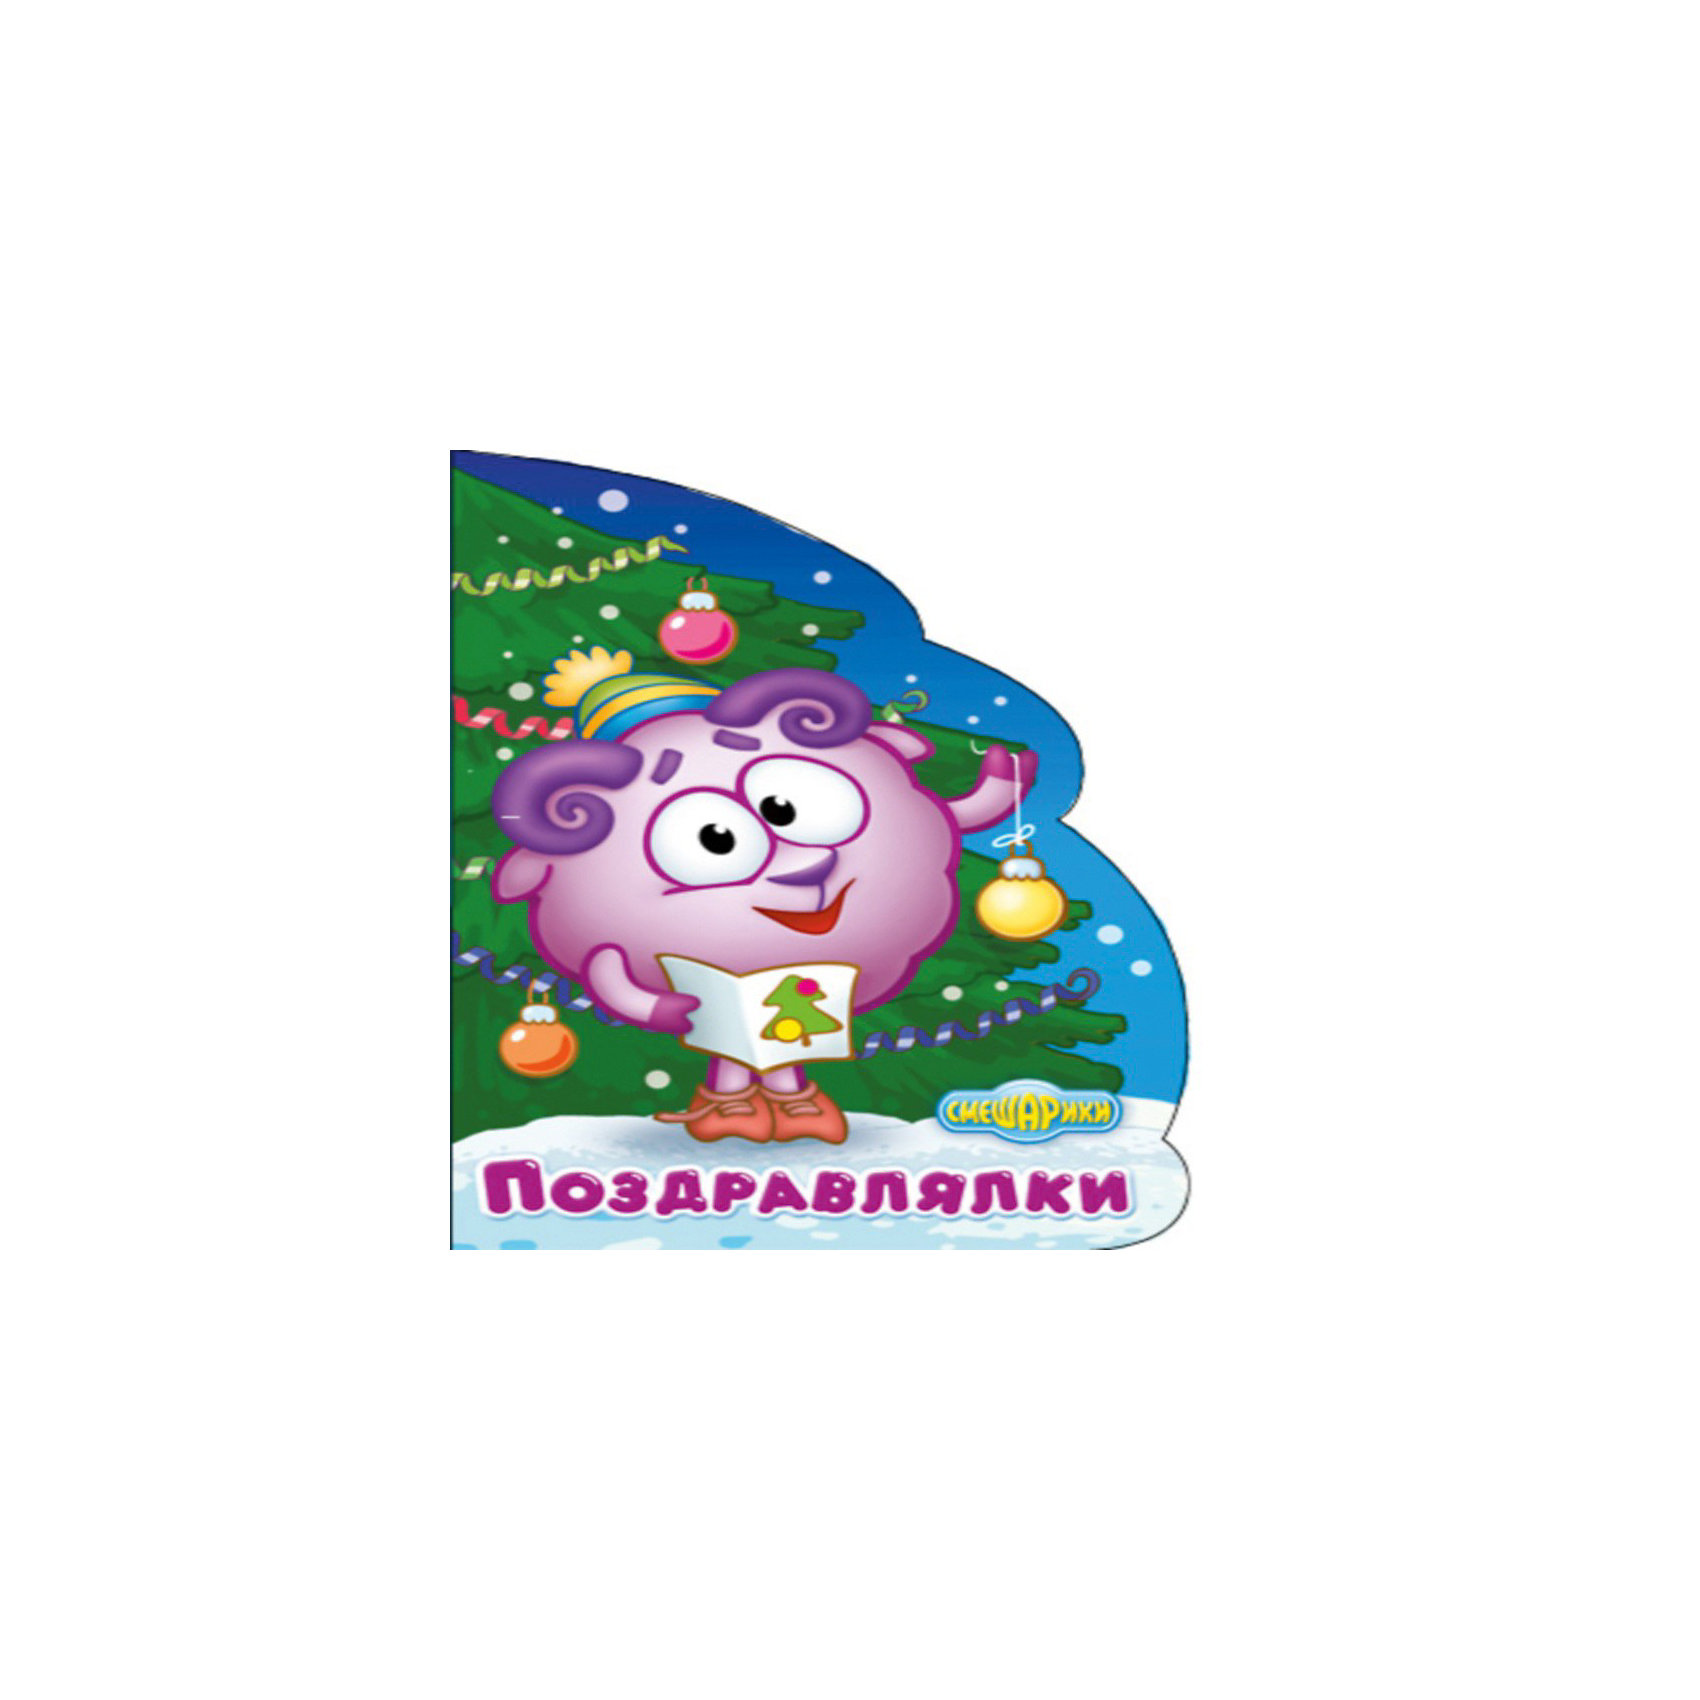 Поздравлялки, СмешарикиПоздравлялки, Смешарики – это поздравлялки для поклонников мультсериала Смешарики.<br>Яркая вырубка в форме елочки со стишками о Смешариках будет прекрасным подарком для ребенка на Новый год.<br><br>Дополнительная информация:<br><br>- Размер: 145х6х210 мм.<br><br>Поздравлялки, Смешарики можно купить в нашем интернет-магазине.<br><br>Ширина мм: 145<br>Глубина мм: 6<br>Высота мм: 210<br>Вес г: 103<br>Возраст от месяцев: 24<br>Возраст до месяцев: 60<br>Пол: Унисекс<br>Возраст: Детский<br>SKU: 3893029